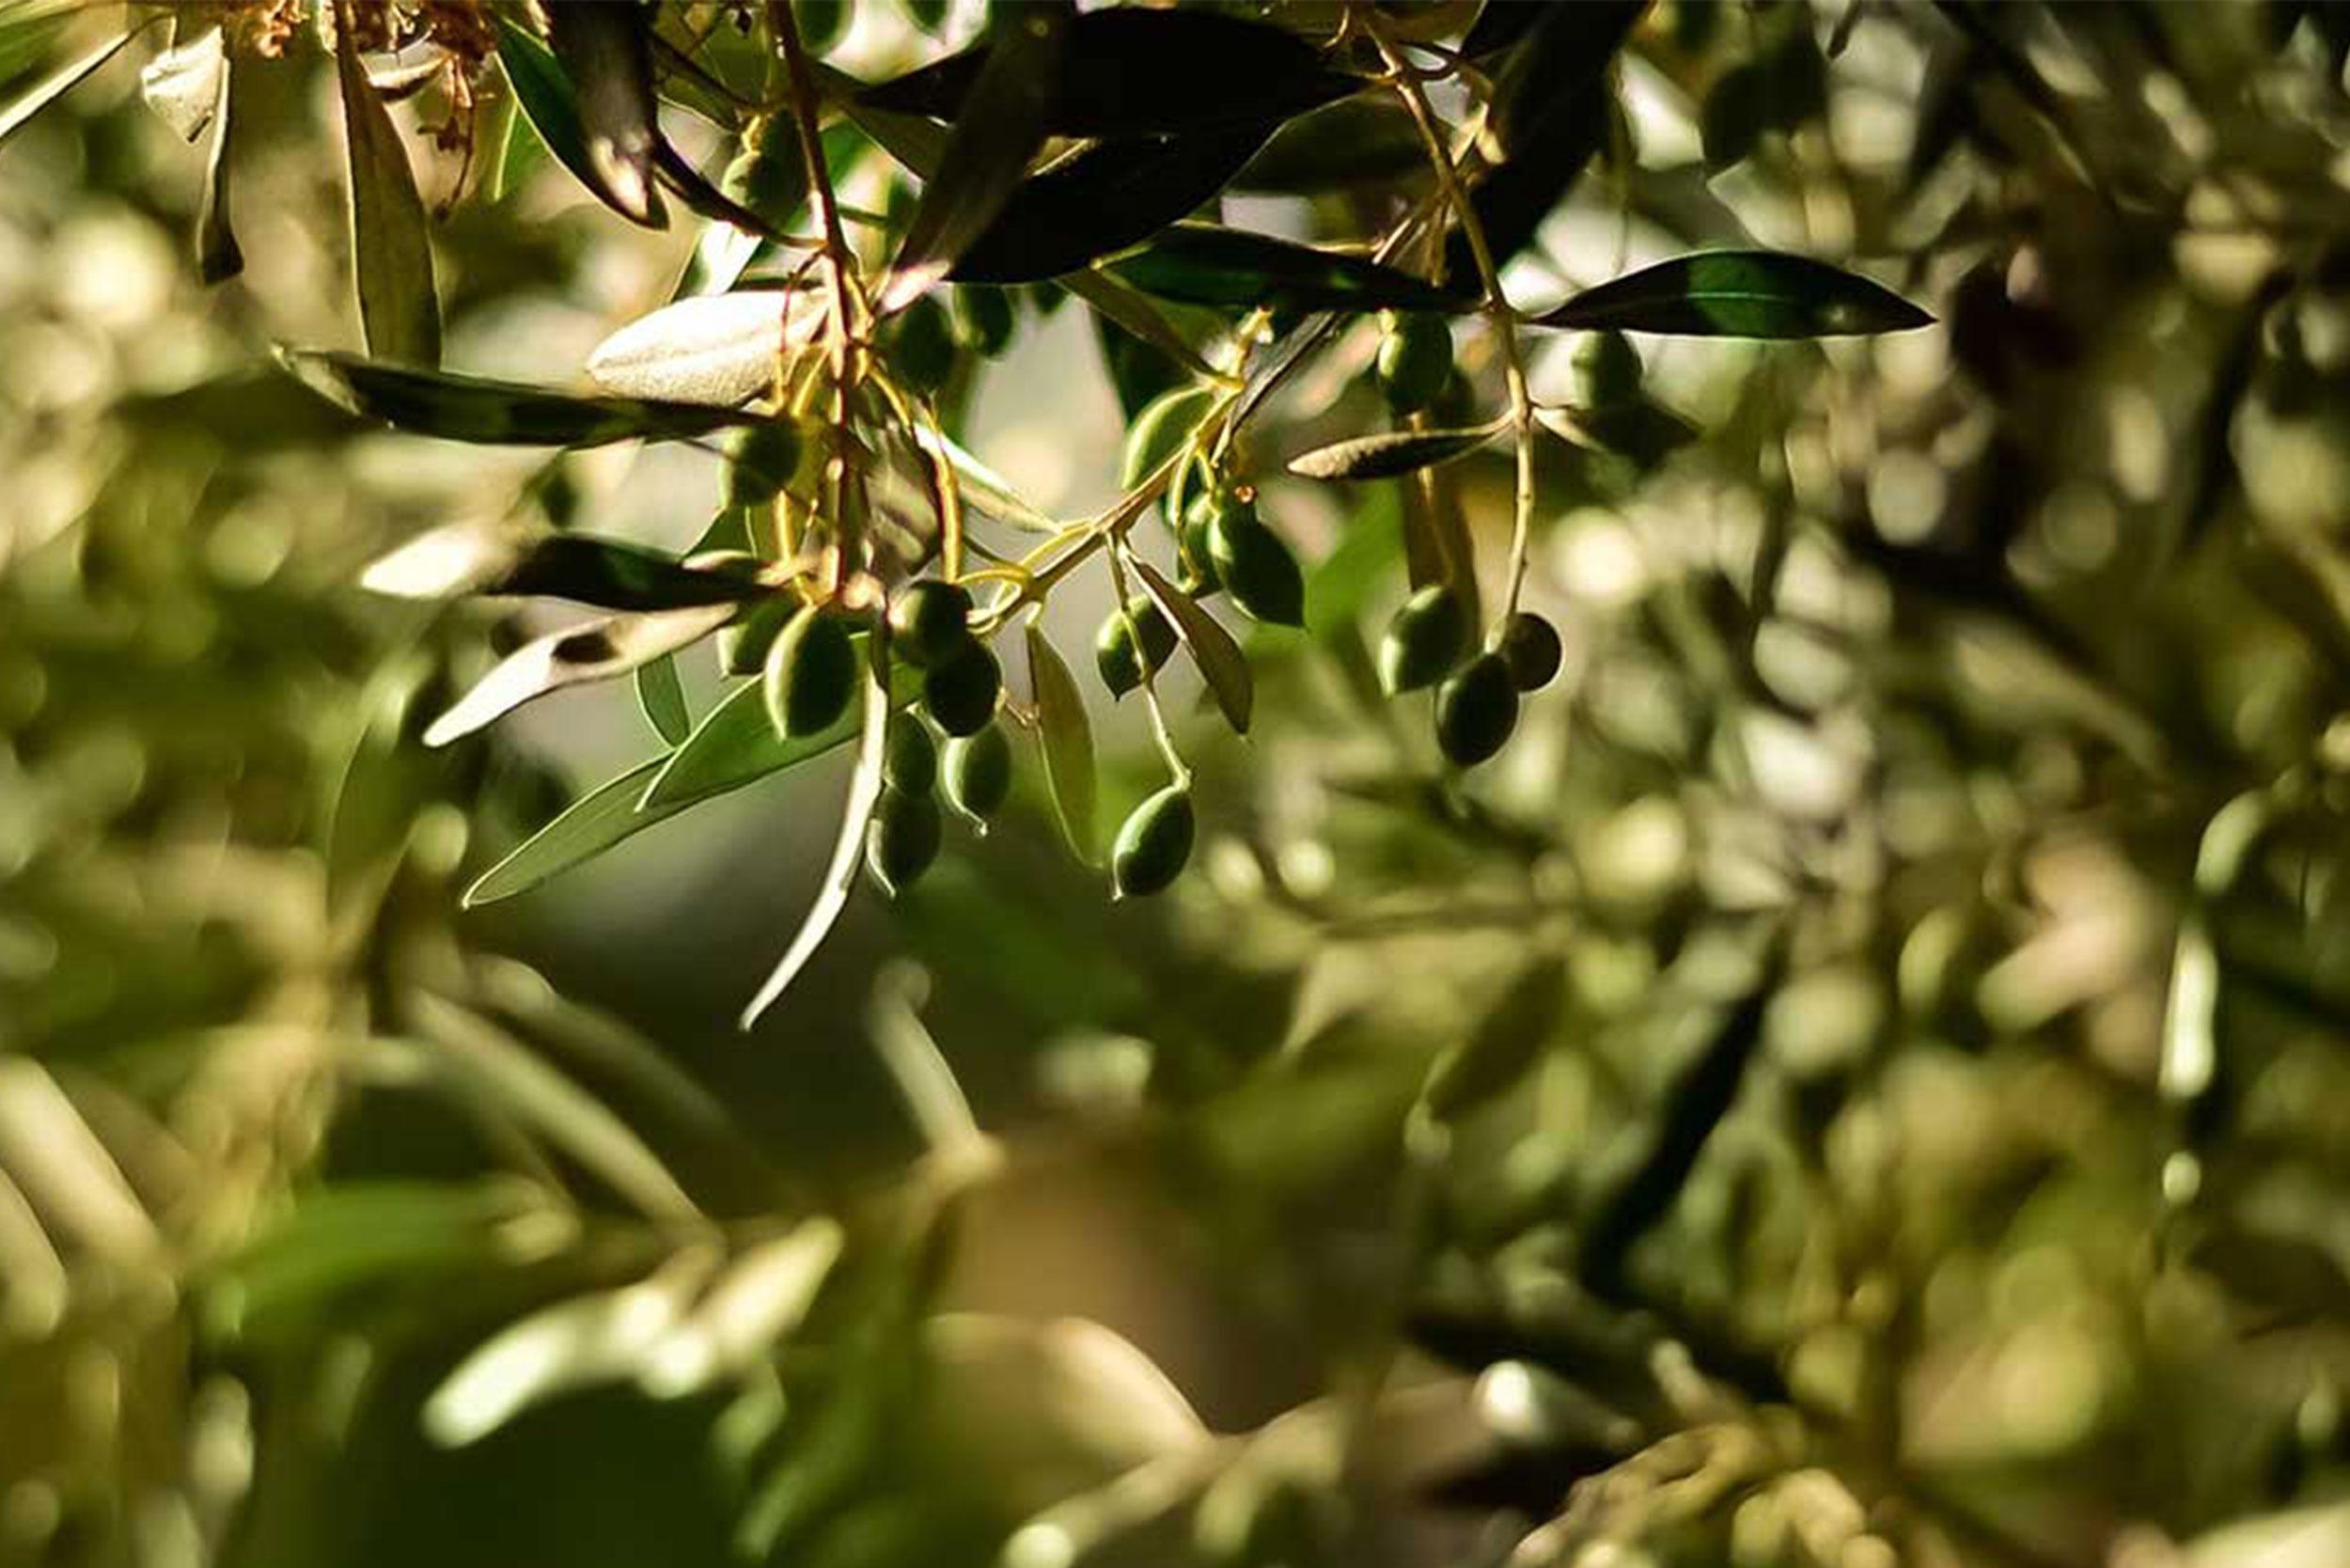 L'olio Extra Vergine d'oliva